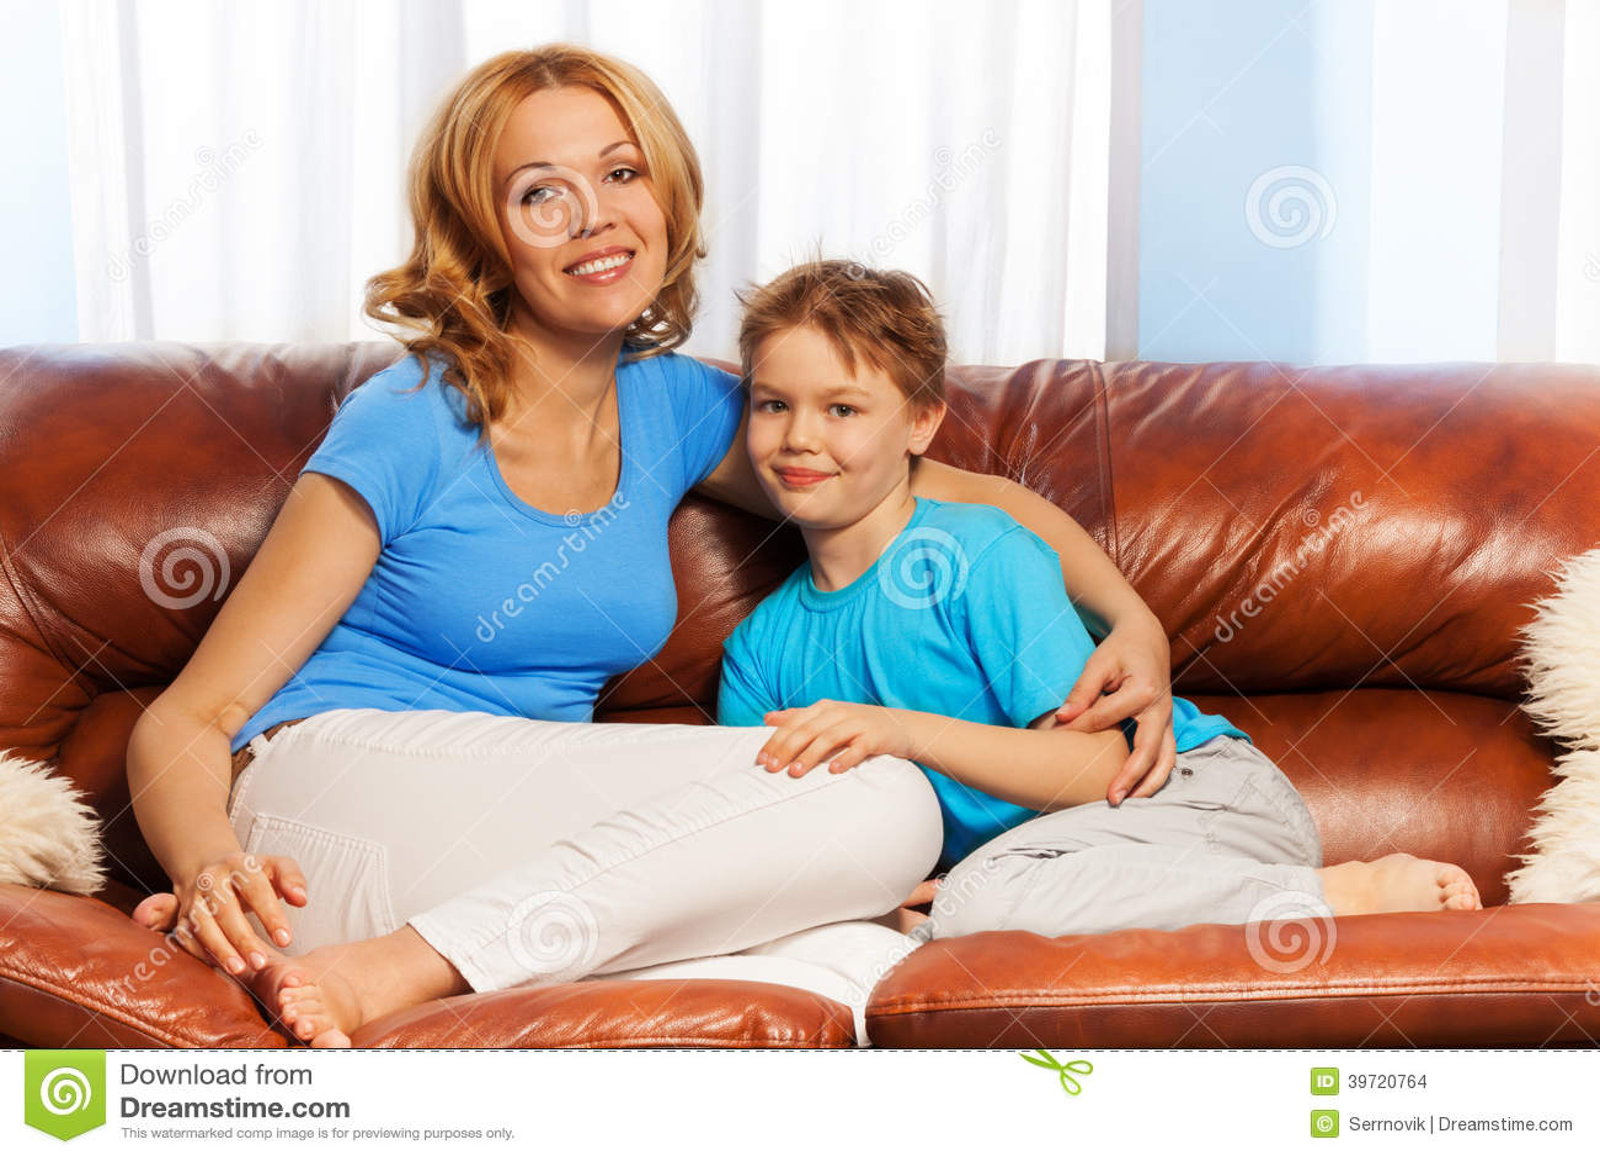 Сын с мамой на диване 5 фотография